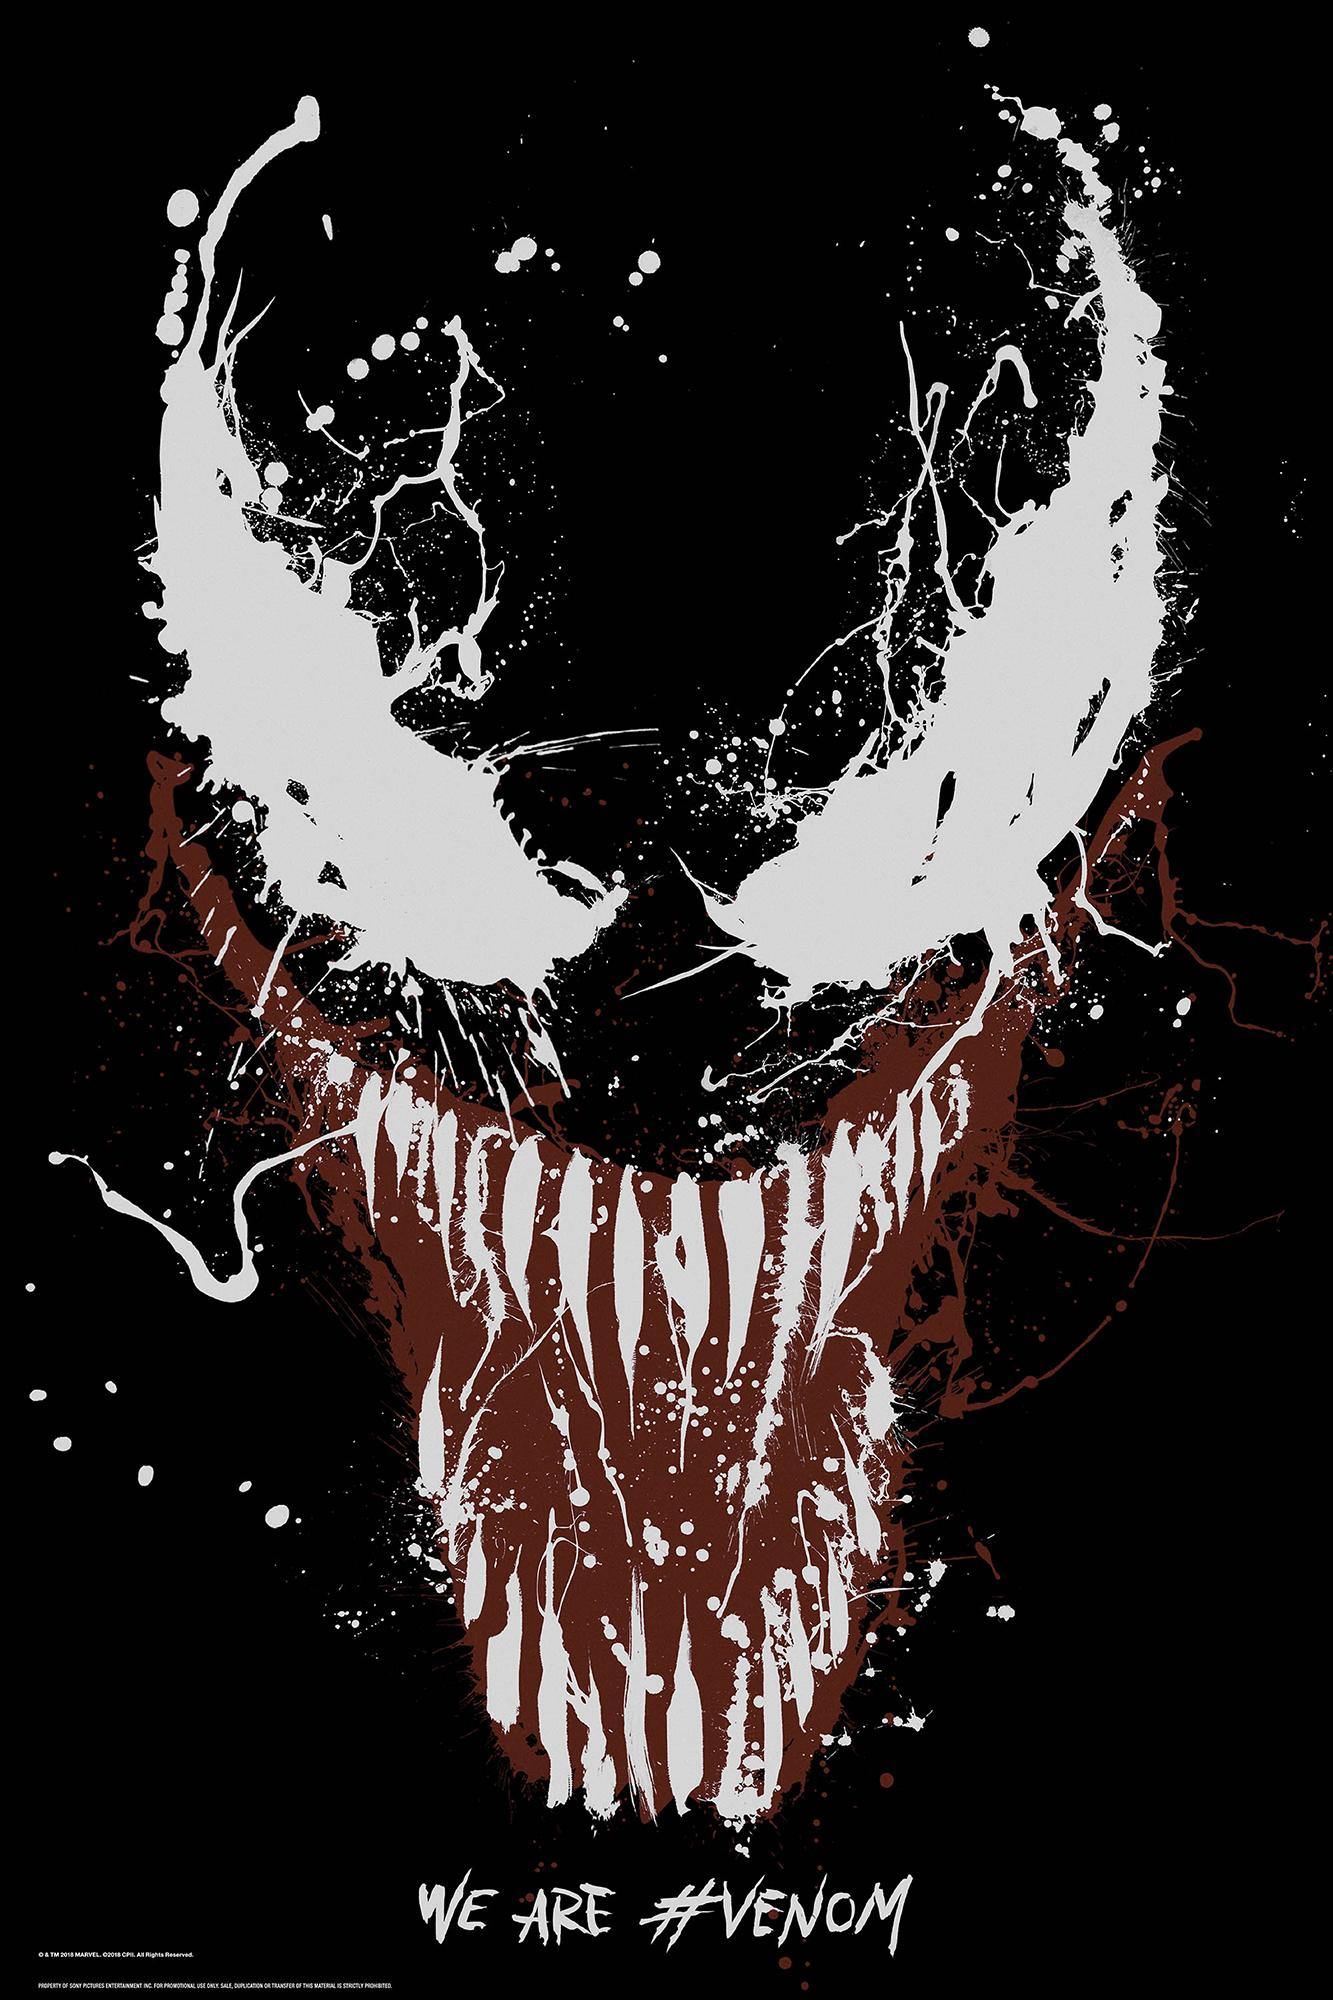 Venom_WP01_Face_100dpi.jpg